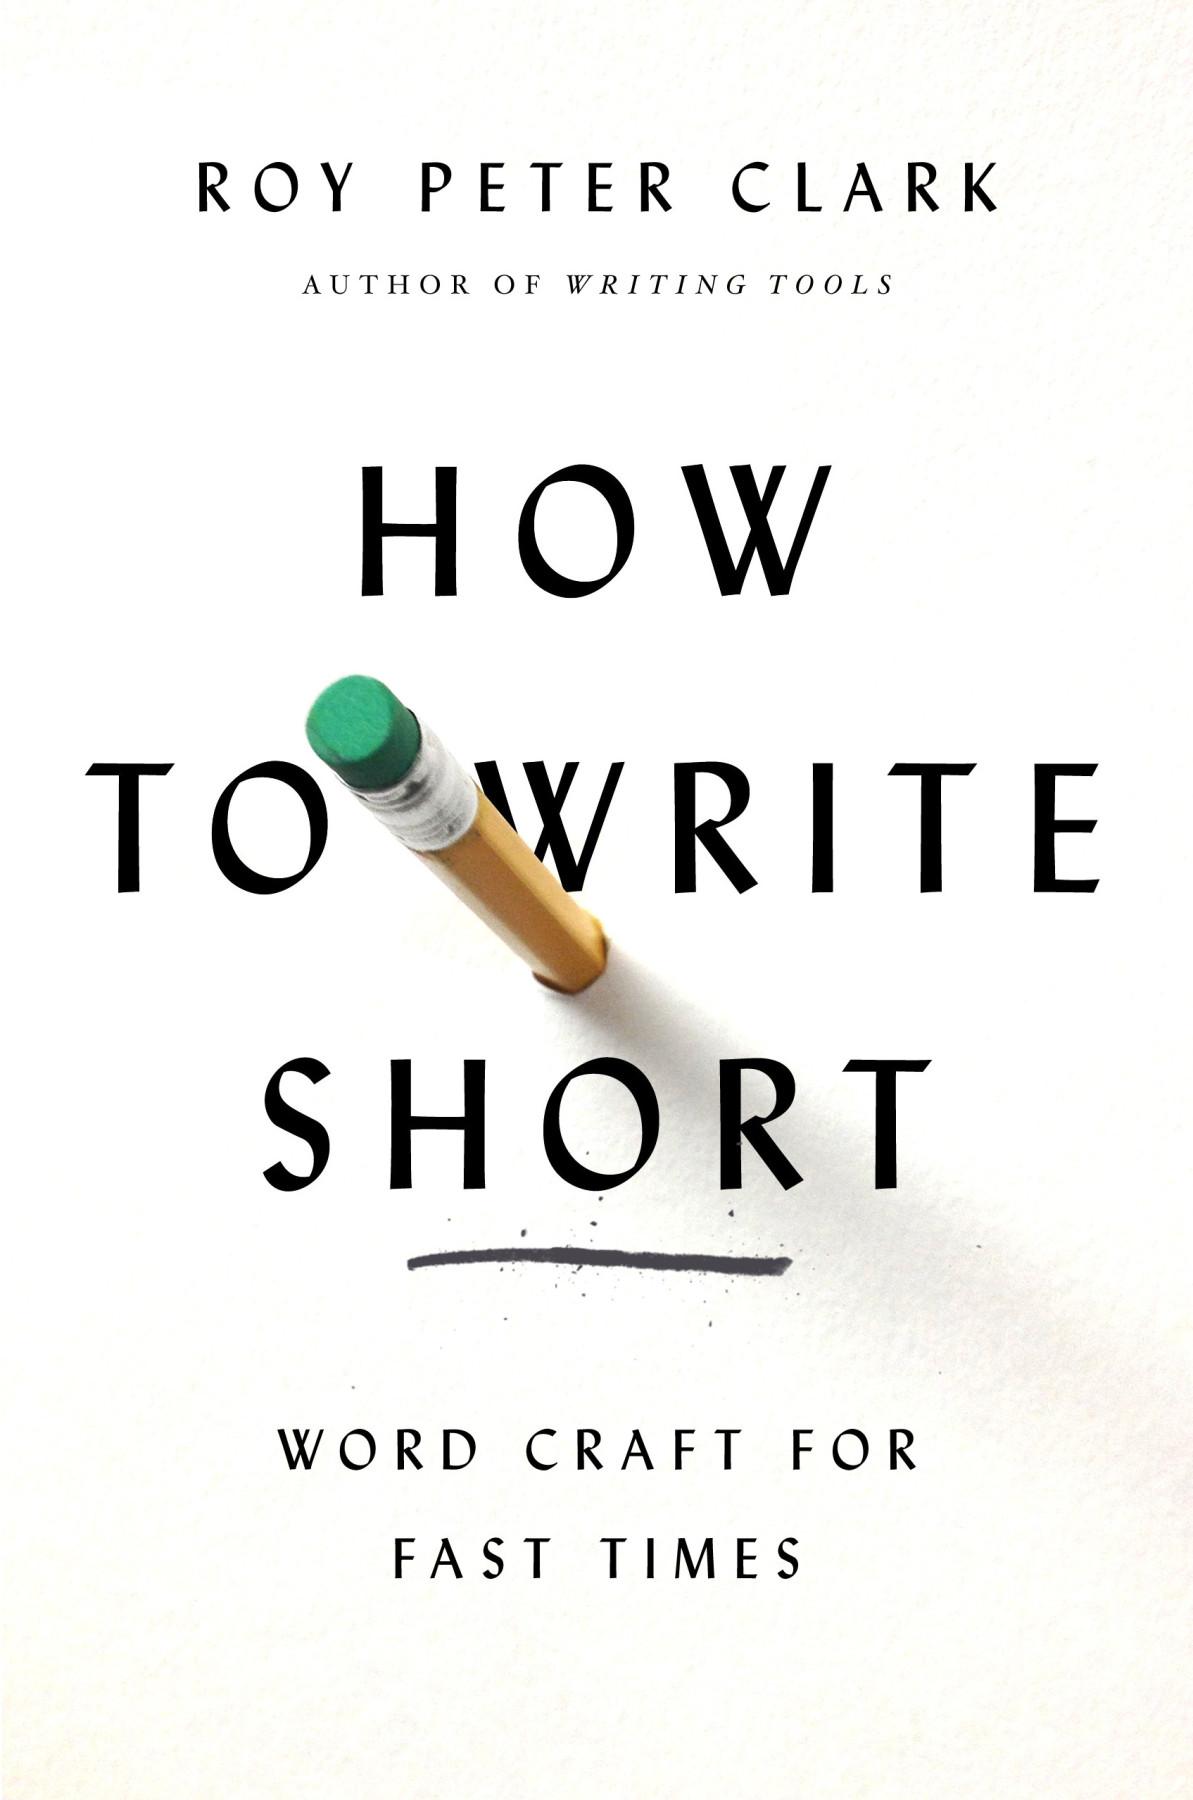 en11lett-e1-f-writing-a-short-letter-592x838.jpg